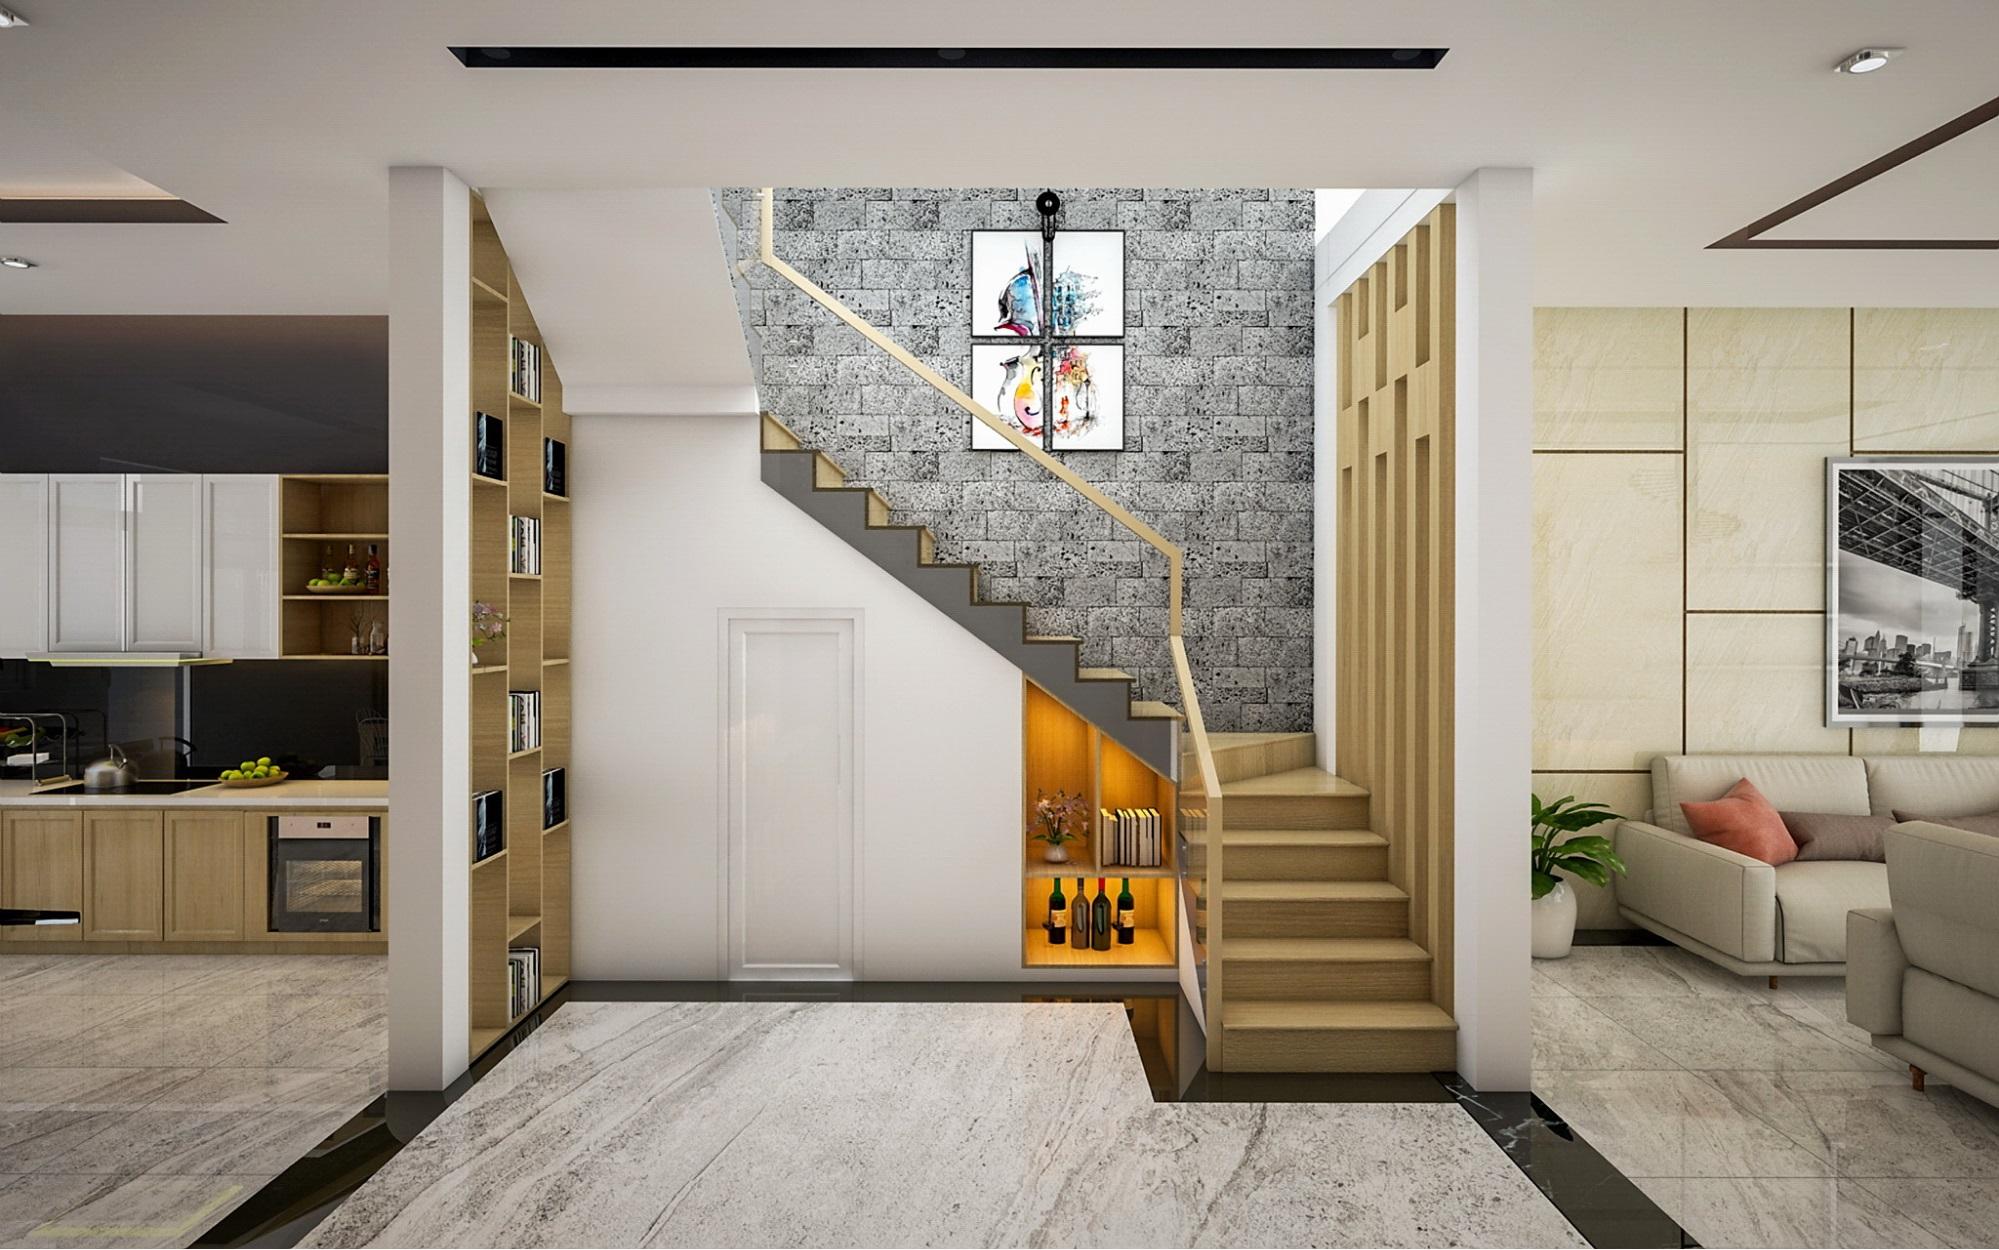 cách thiết kế phòng khách có cầu thang - Housedesign